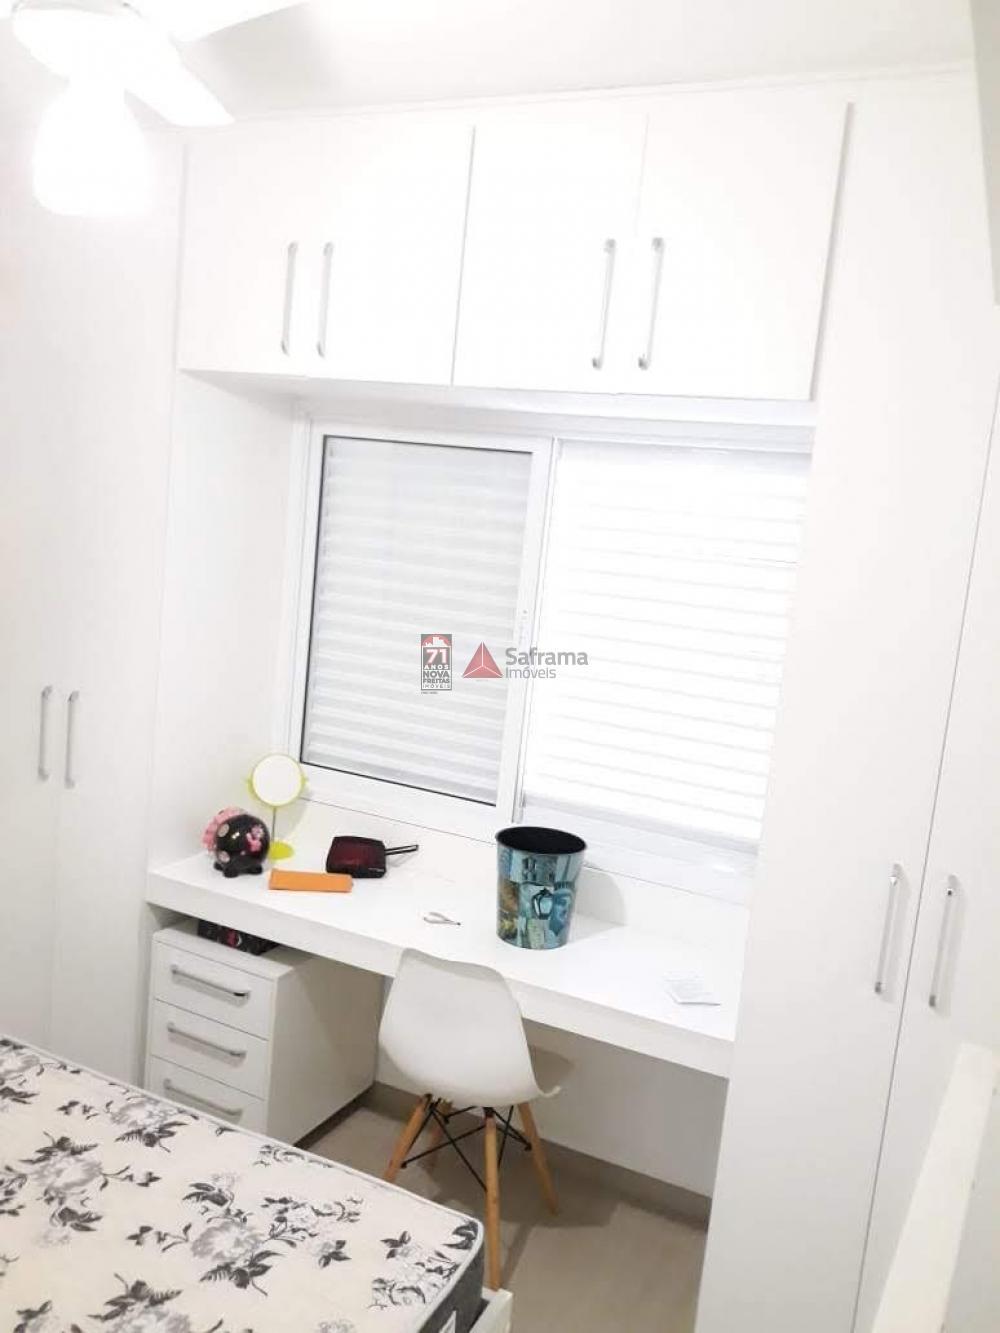 Comprar Apartamento / Padrão em Caraguatatuba apenas R$ 450.000,00 - Foto 7